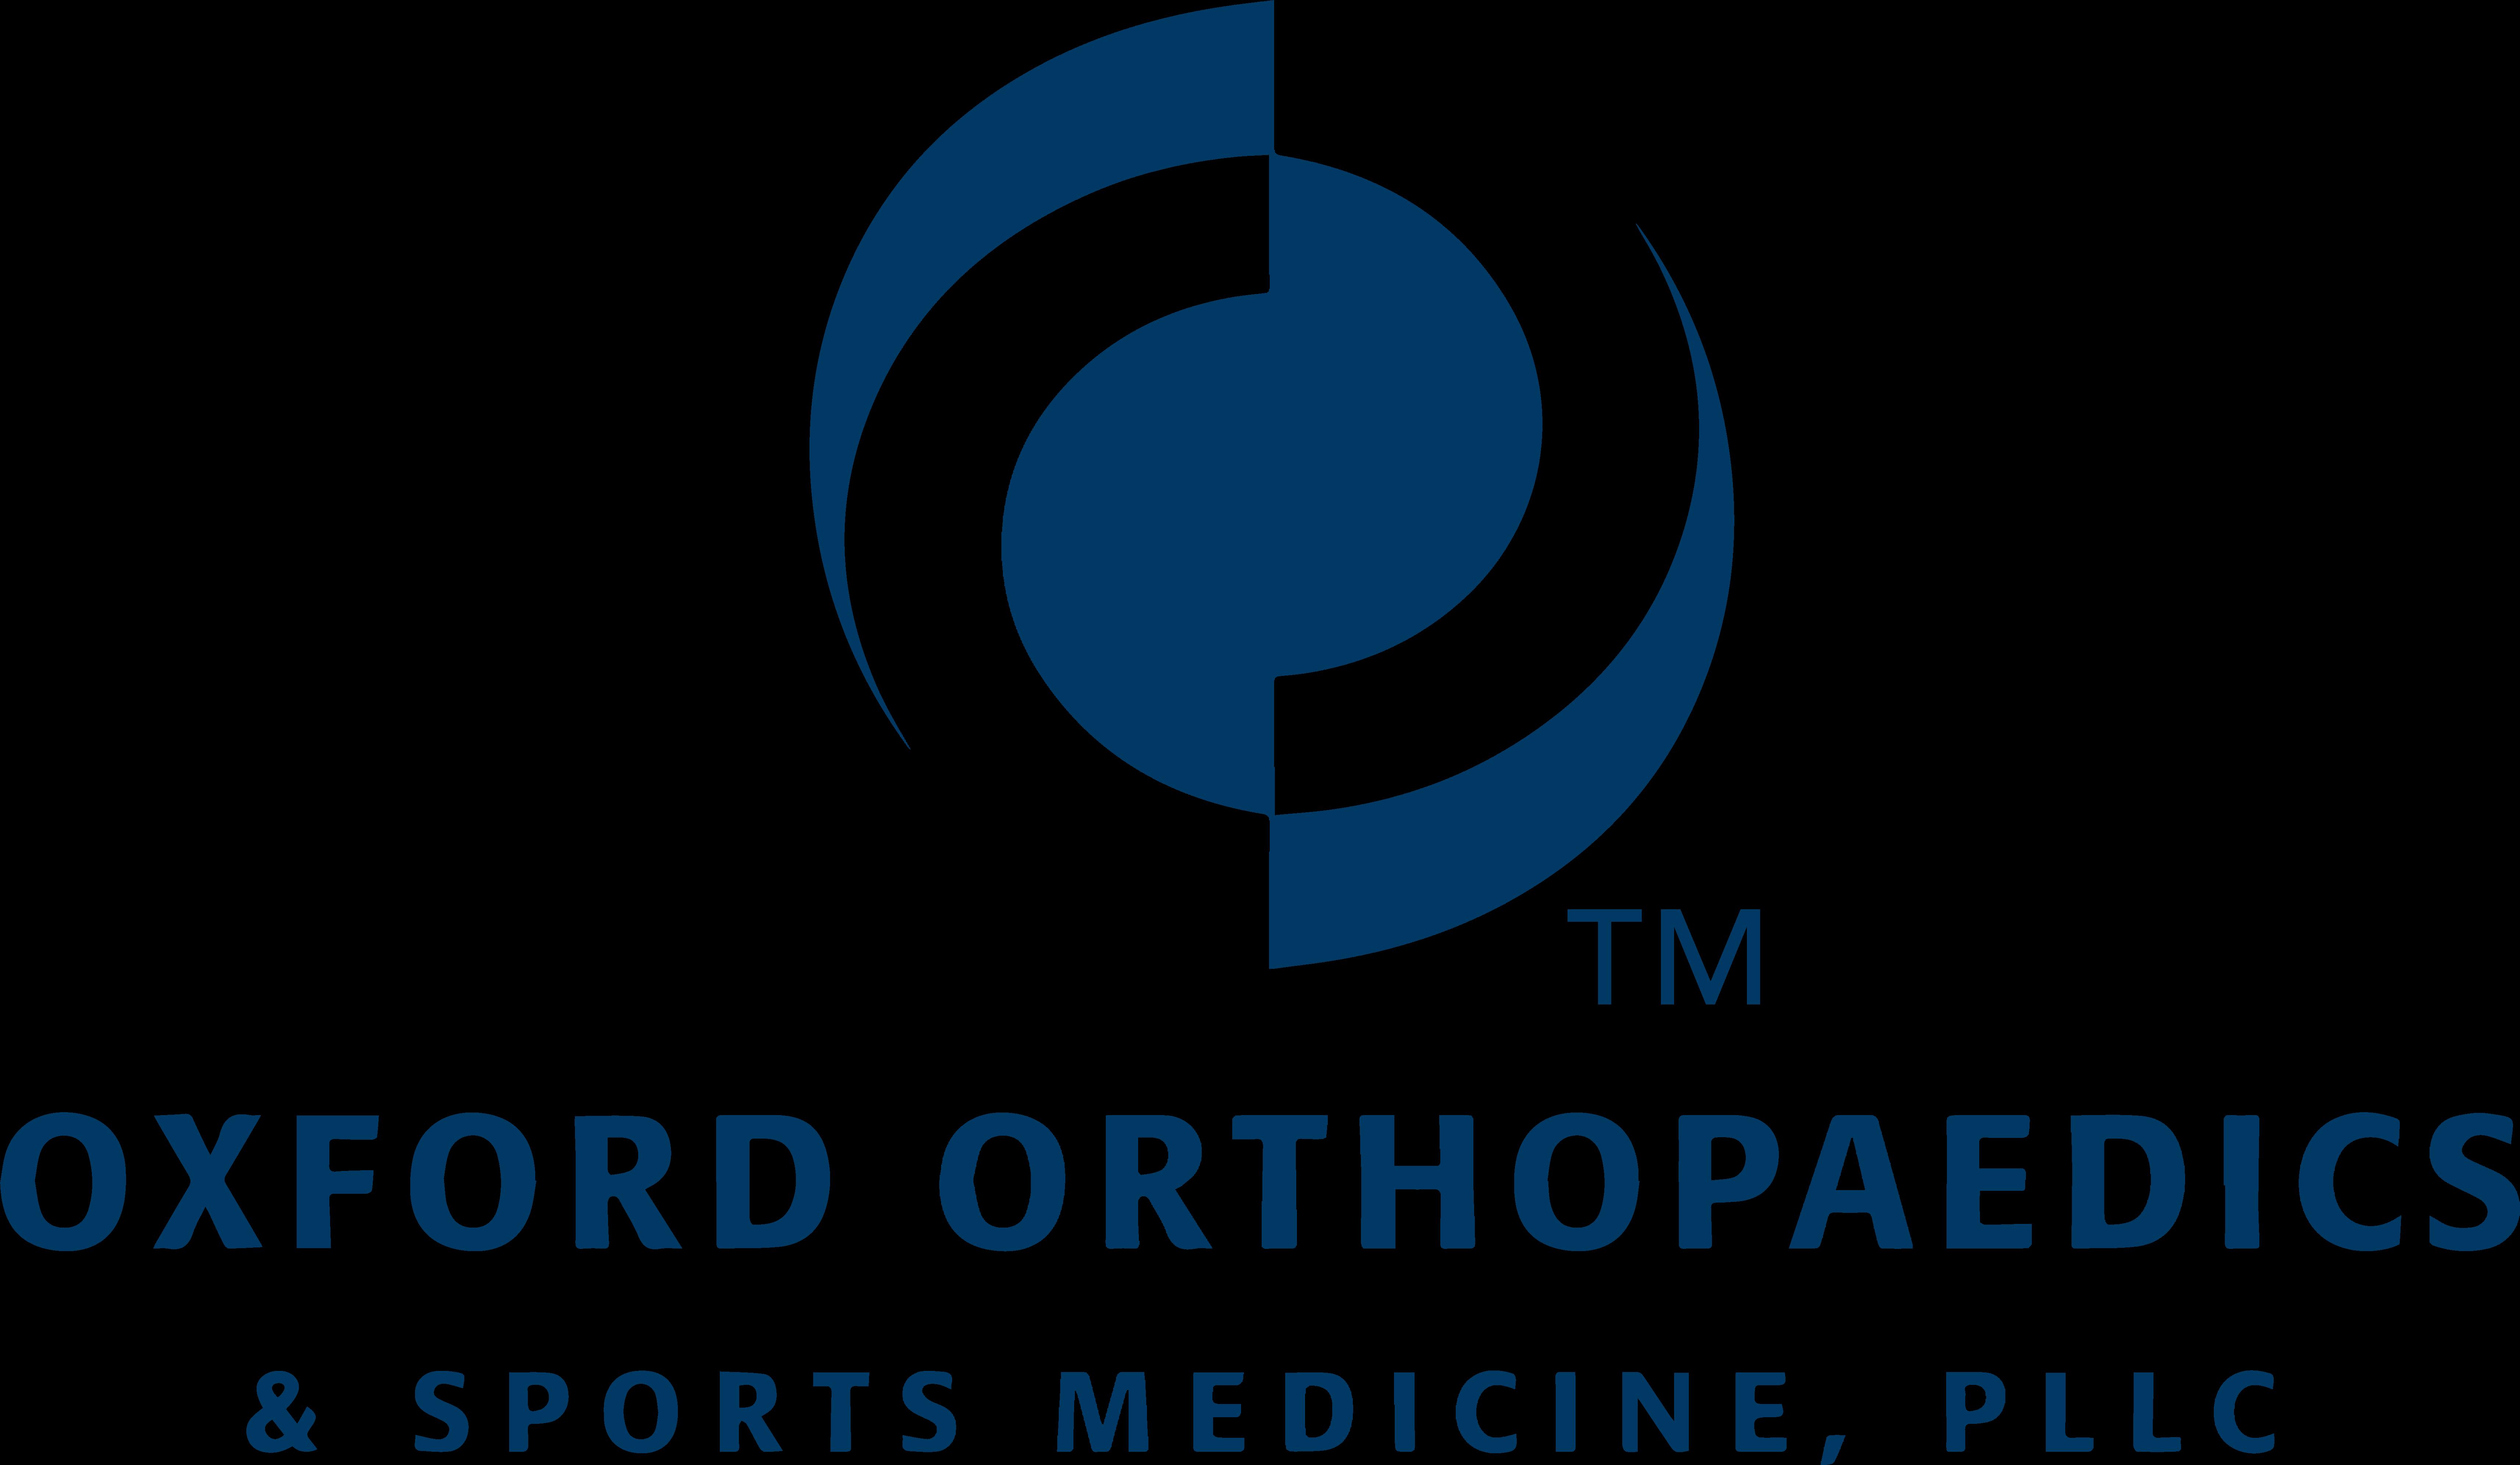 Oxford Ortho